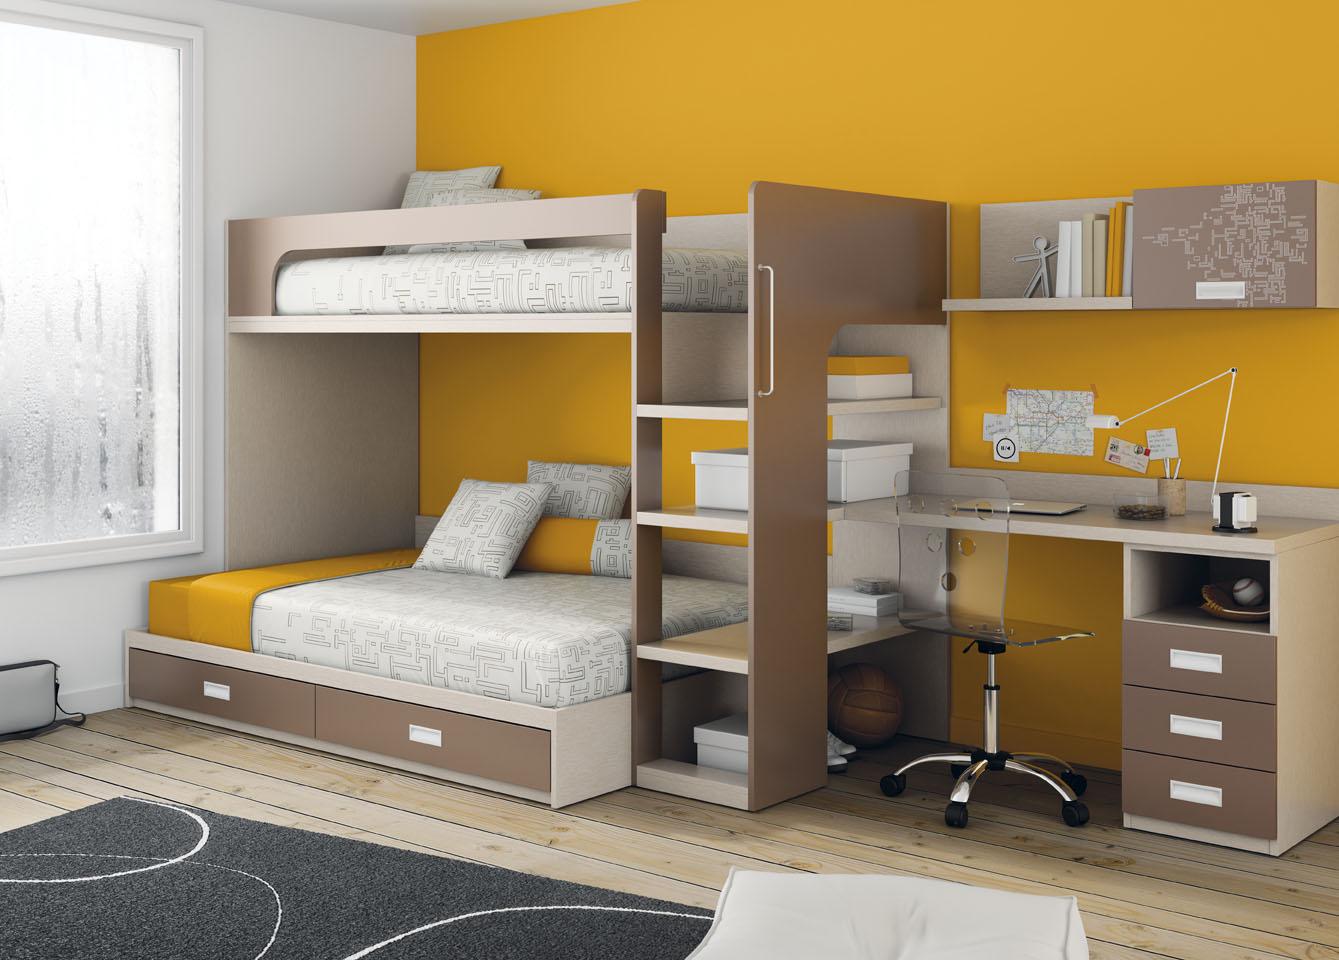 Dormitorios juveniles con literas muebles tiendas de for Dormitorios con literas